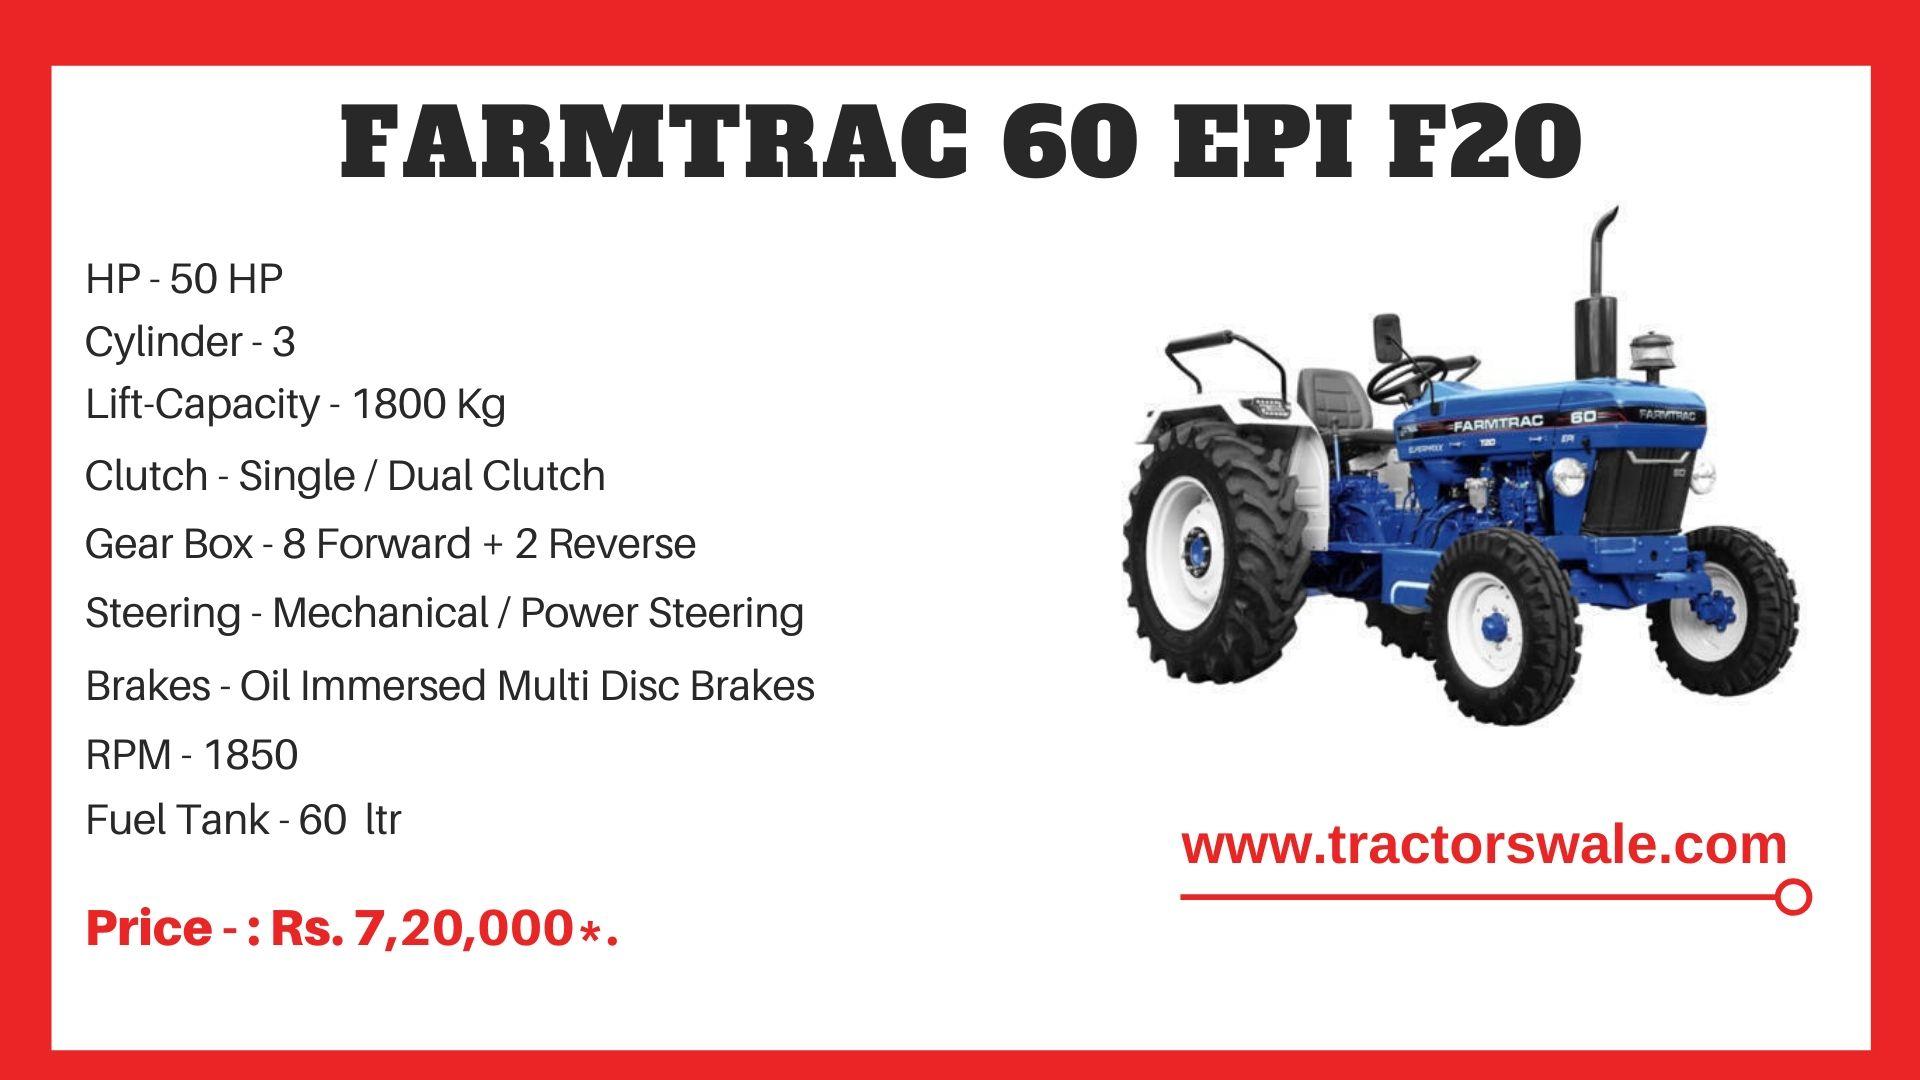 Farmtrac 60 F20 tractor price